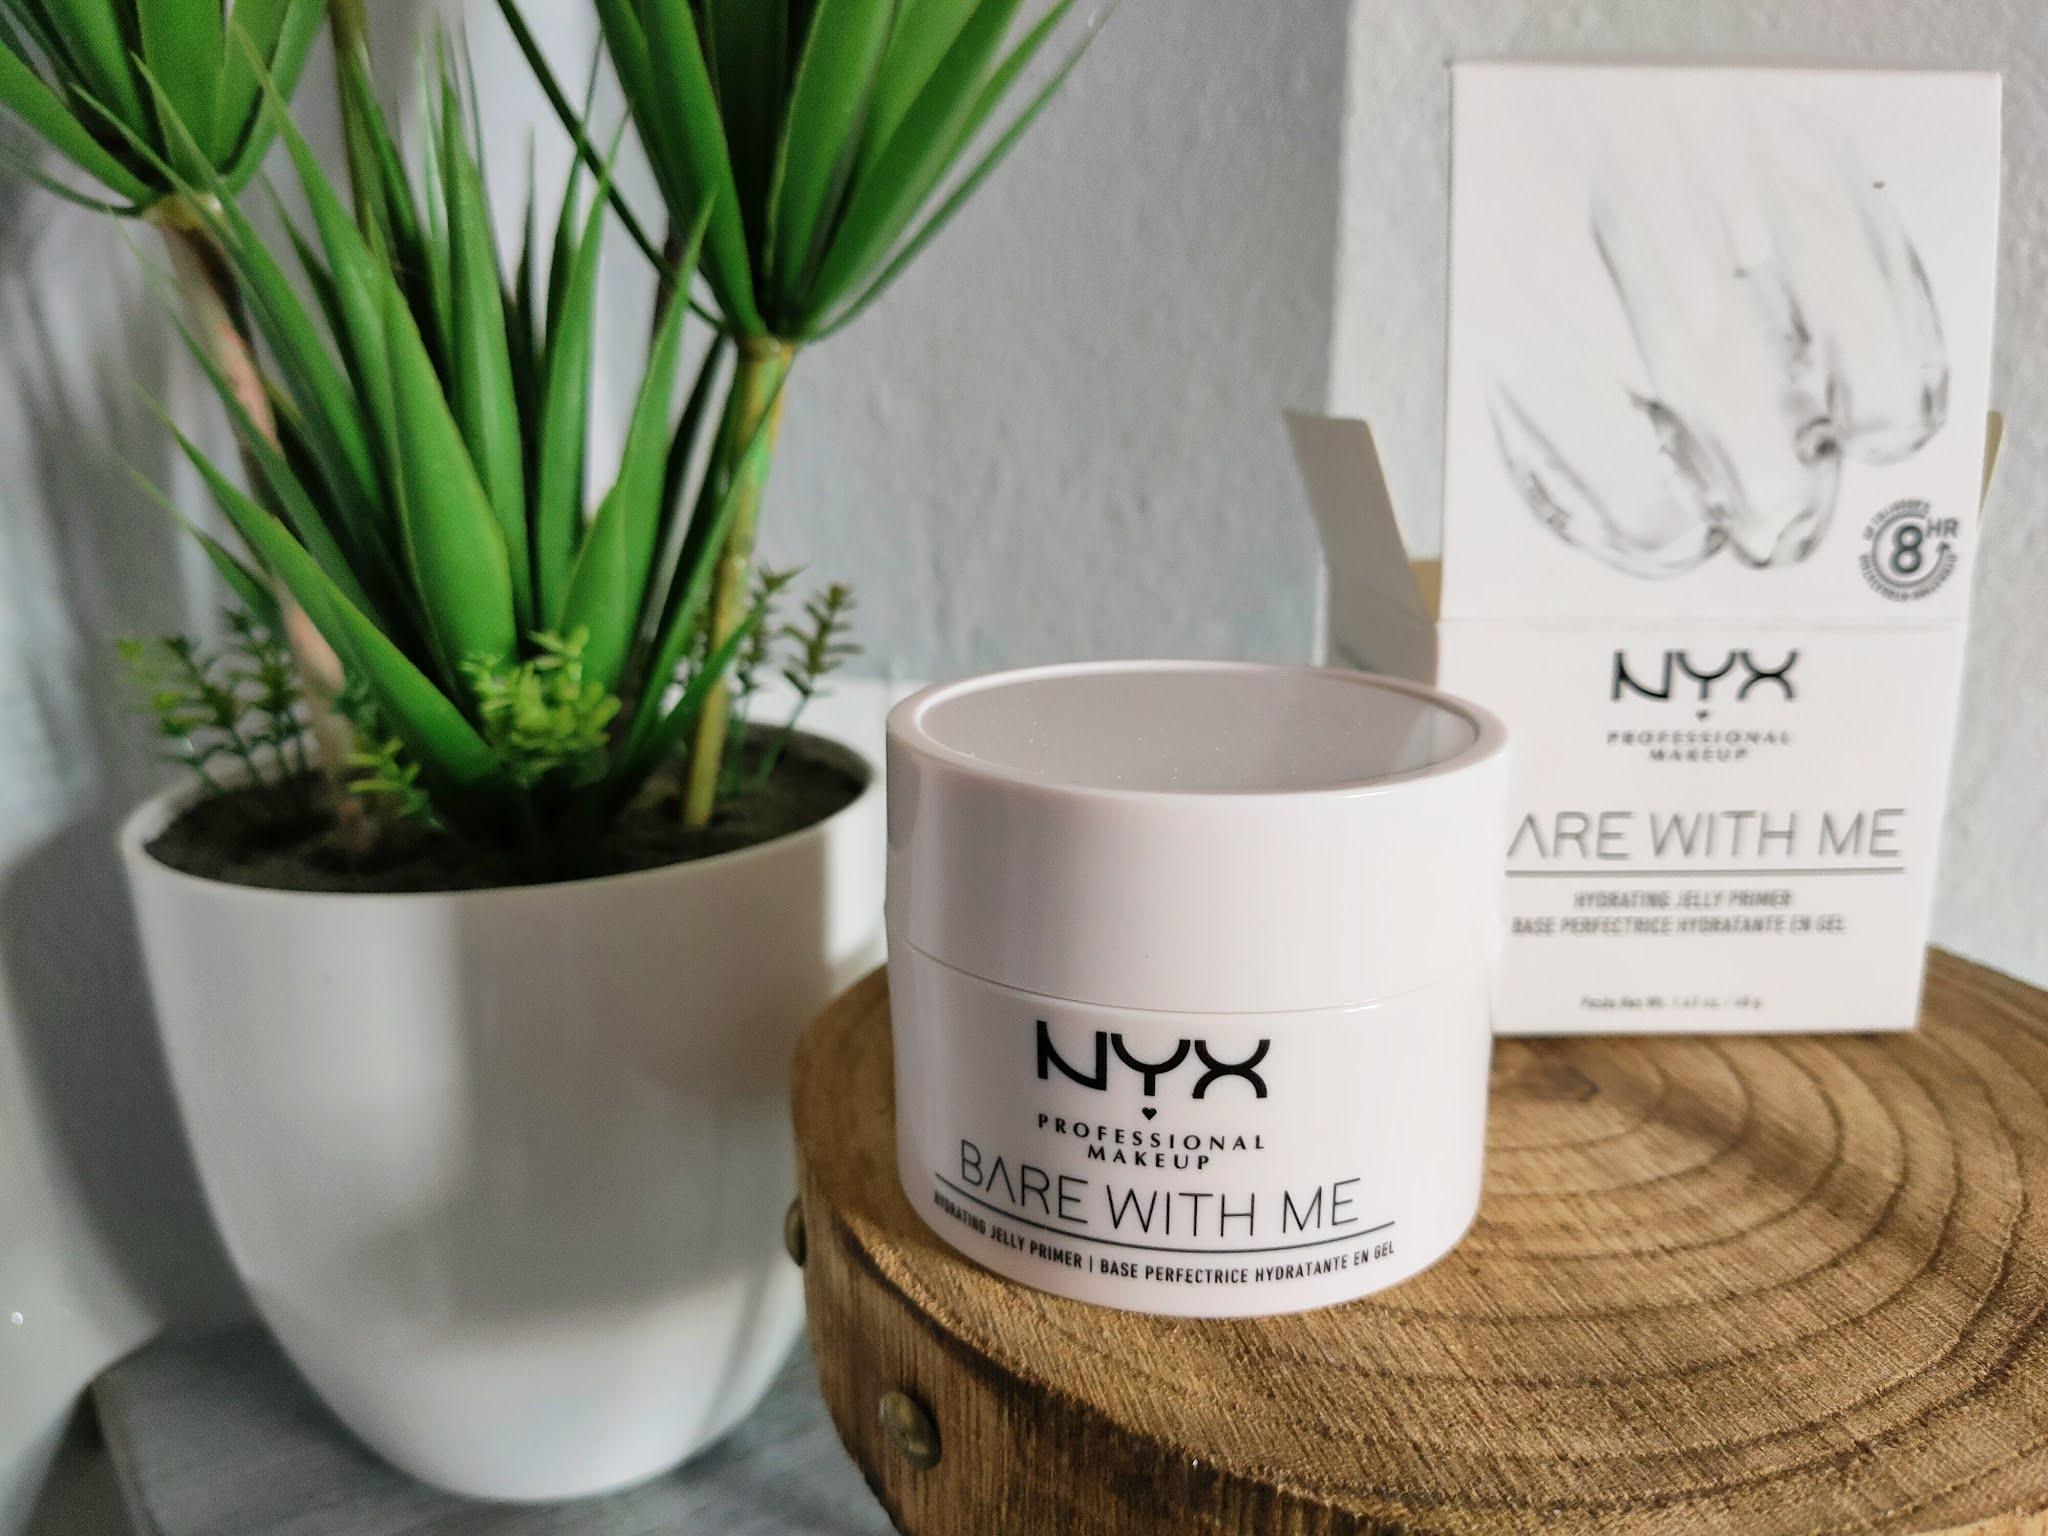 Primer de rosto NYX cosmetics